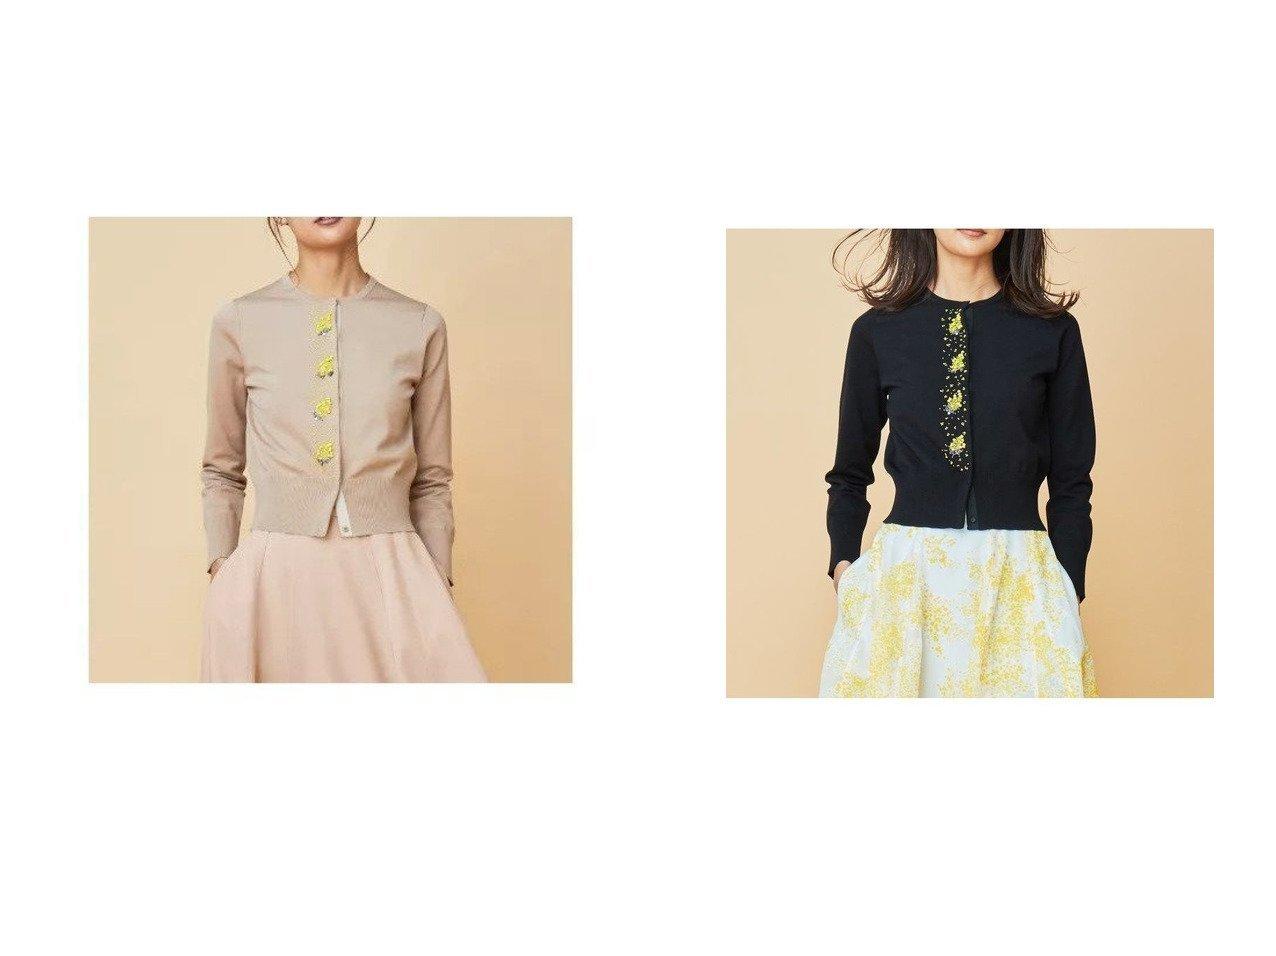 【KUMIKYOKU/組曲】の【Rythme KUMIKYOKU】Mimosa Beads カーディガン&【Rythme KUMIKYOKU】Mimosa Beads カーディガン 組曲のおすすめ!人気、トレンド・レディースファッションの通販 おすすめで人気の流行・トレンド、ファッションの通販商品 メンズファッション・キッズファッション・インテリア・家具・レディースファッション・服の通販 founy(ファニー) https://founy.com/ ファッション Fashion レディースファッション WOMEN トップス カットソー Tops Tshirt カーディガン Cardigans 2021年 2021 2021 春夏 S/S SS Spring/Summer 2021 S/S 春夏 SS Spring/Summer カーディガン クラシカル コンパクト ストレッチ ドレス ベーシック モチーフ 再入荷 Restock/Back in Stock/Re Arrival |ID:crp329100000022353